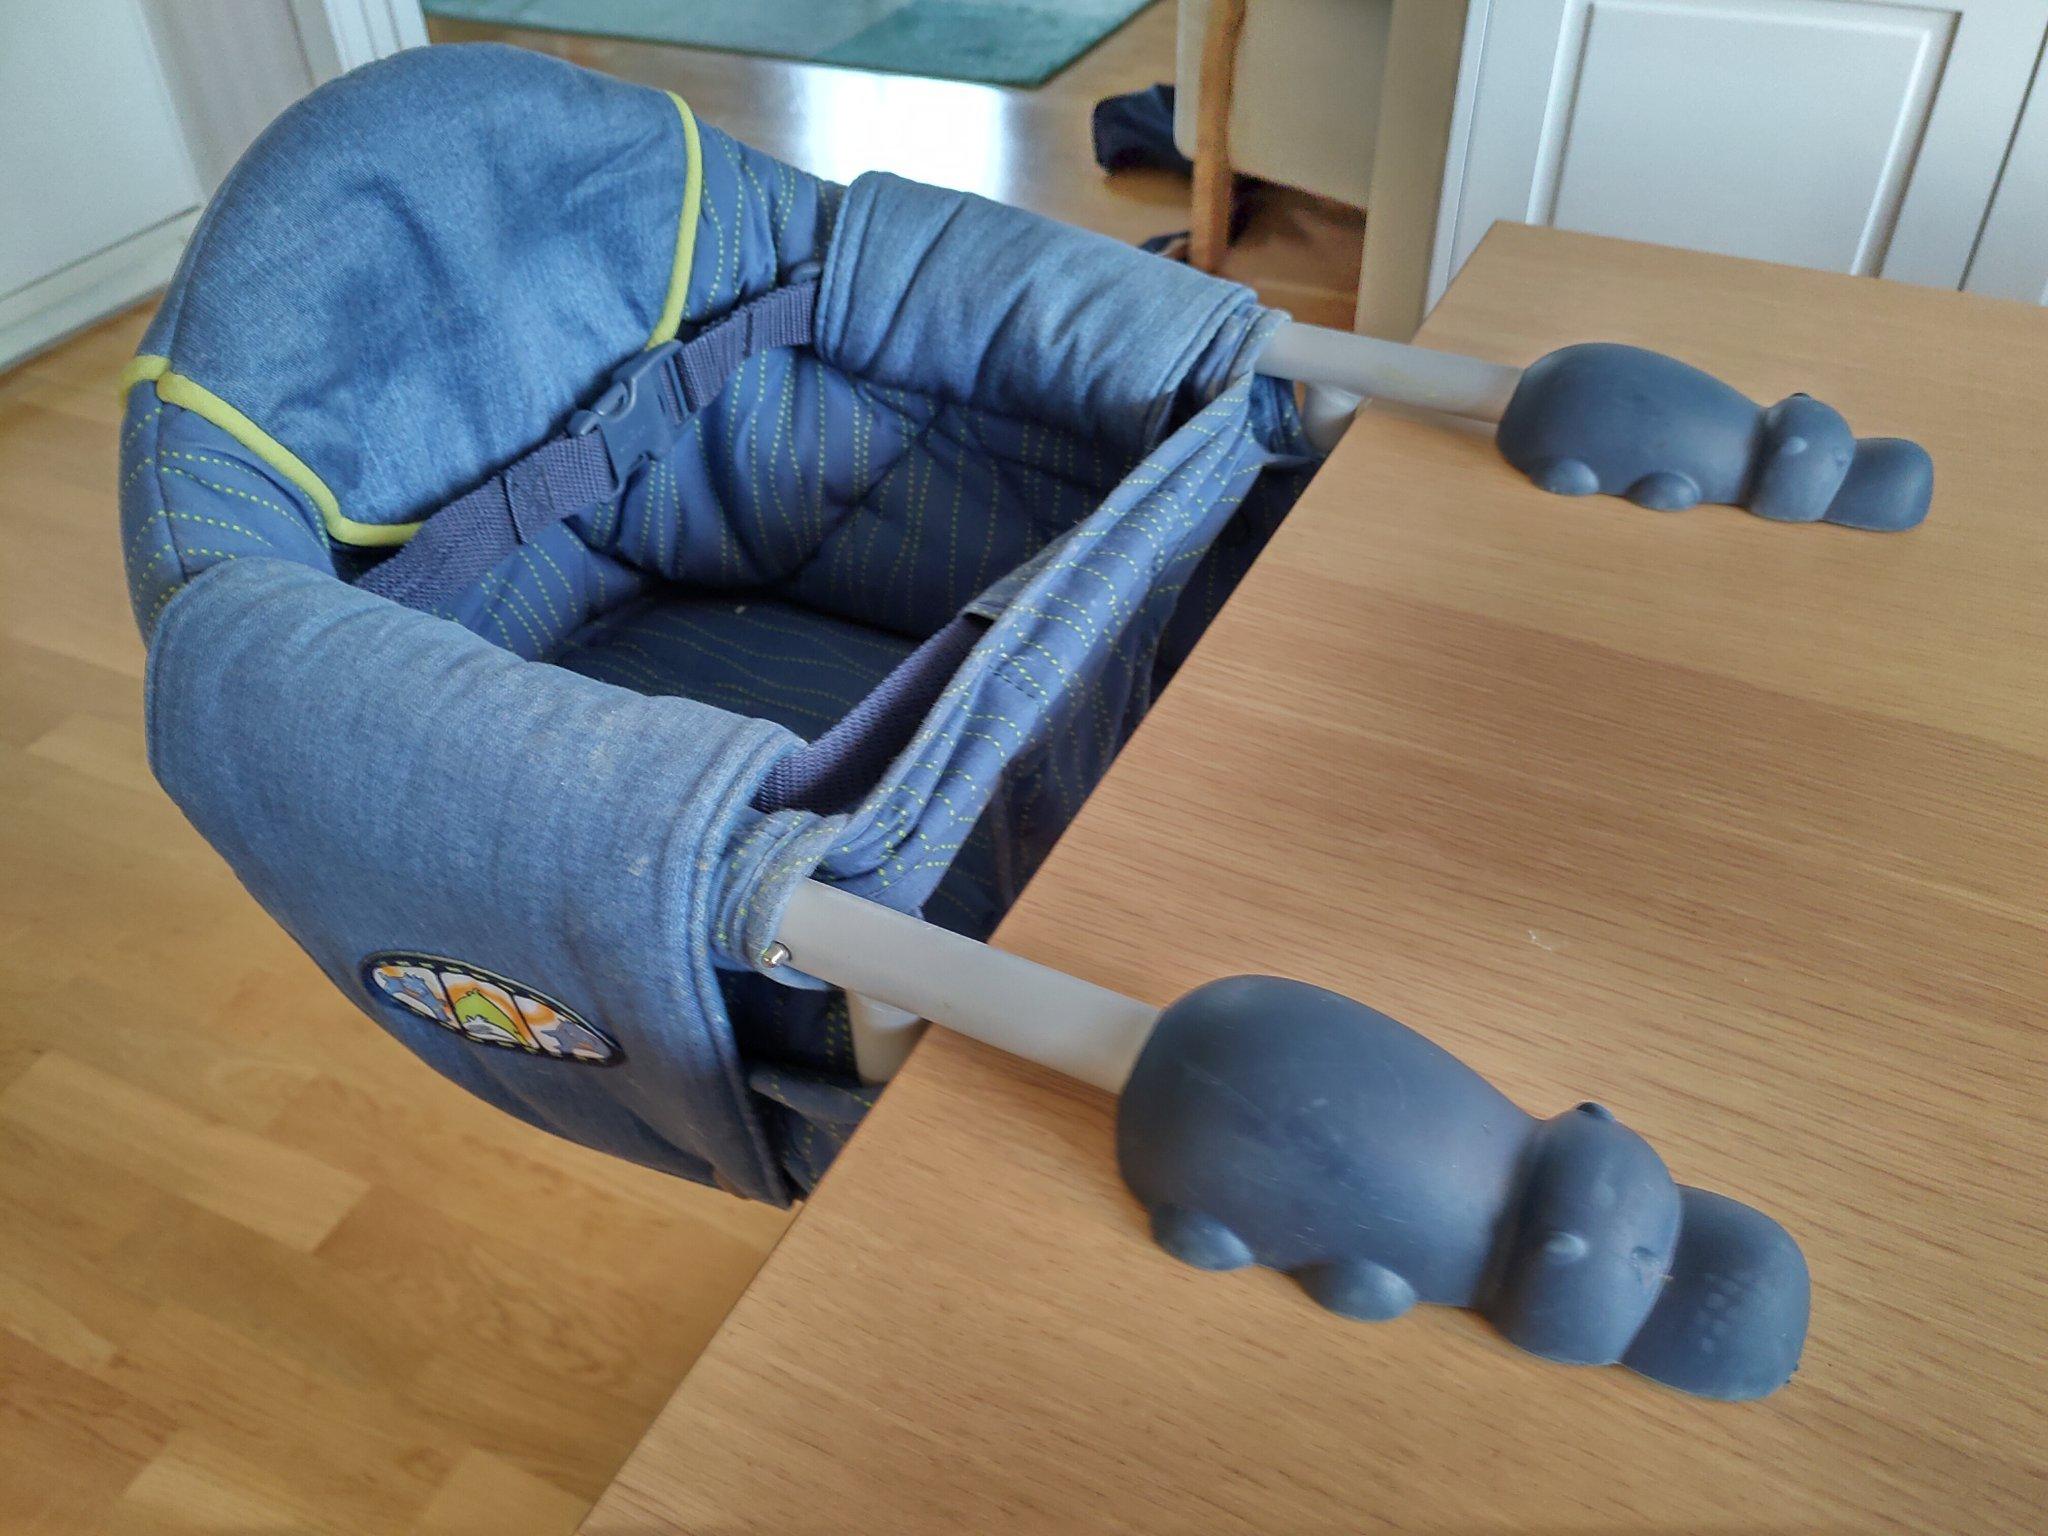 Barnstol Chicco för montering i bord